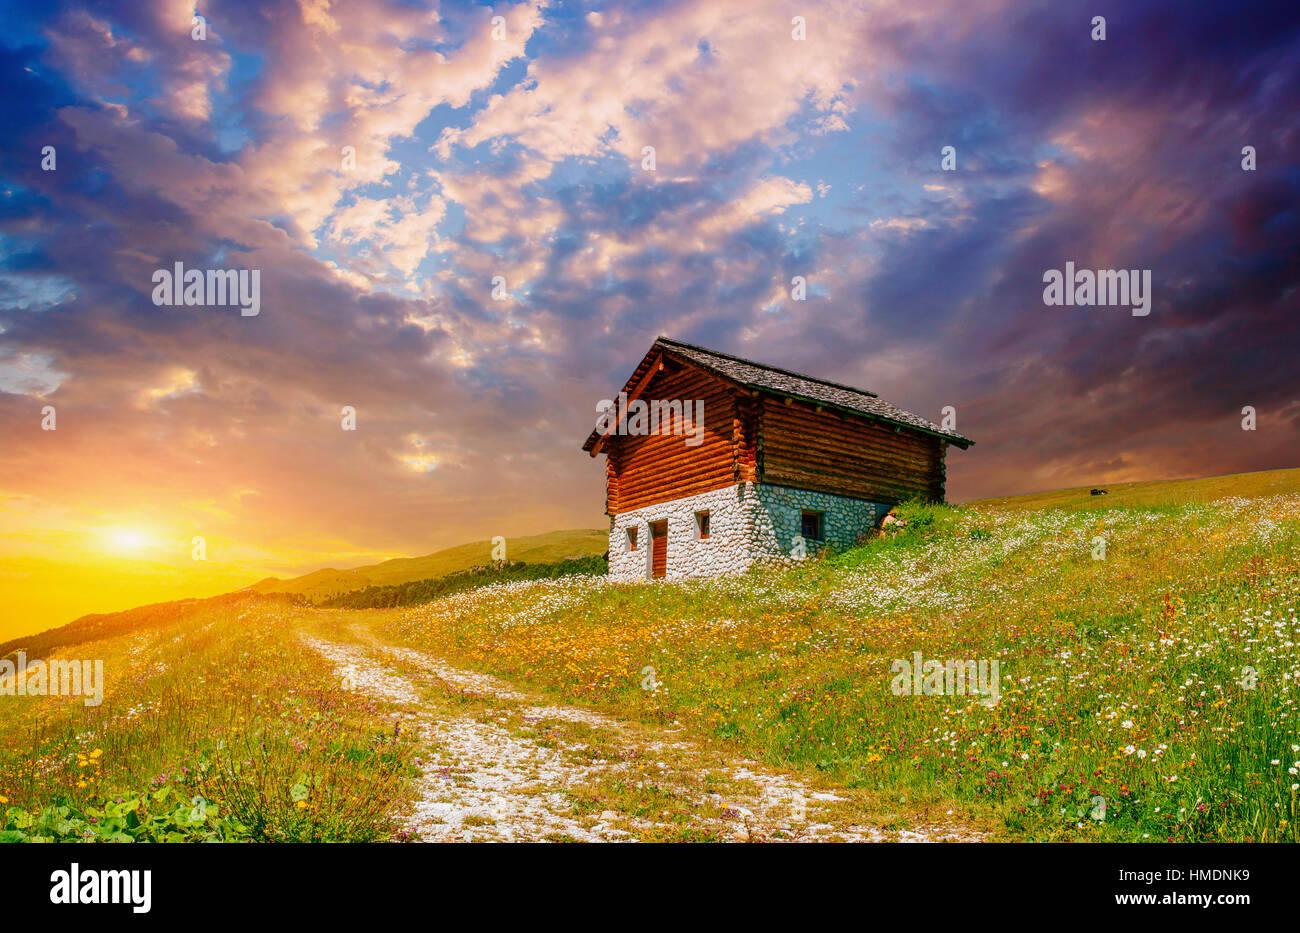 Casa en las montañas al atardecer Imagen De Stock